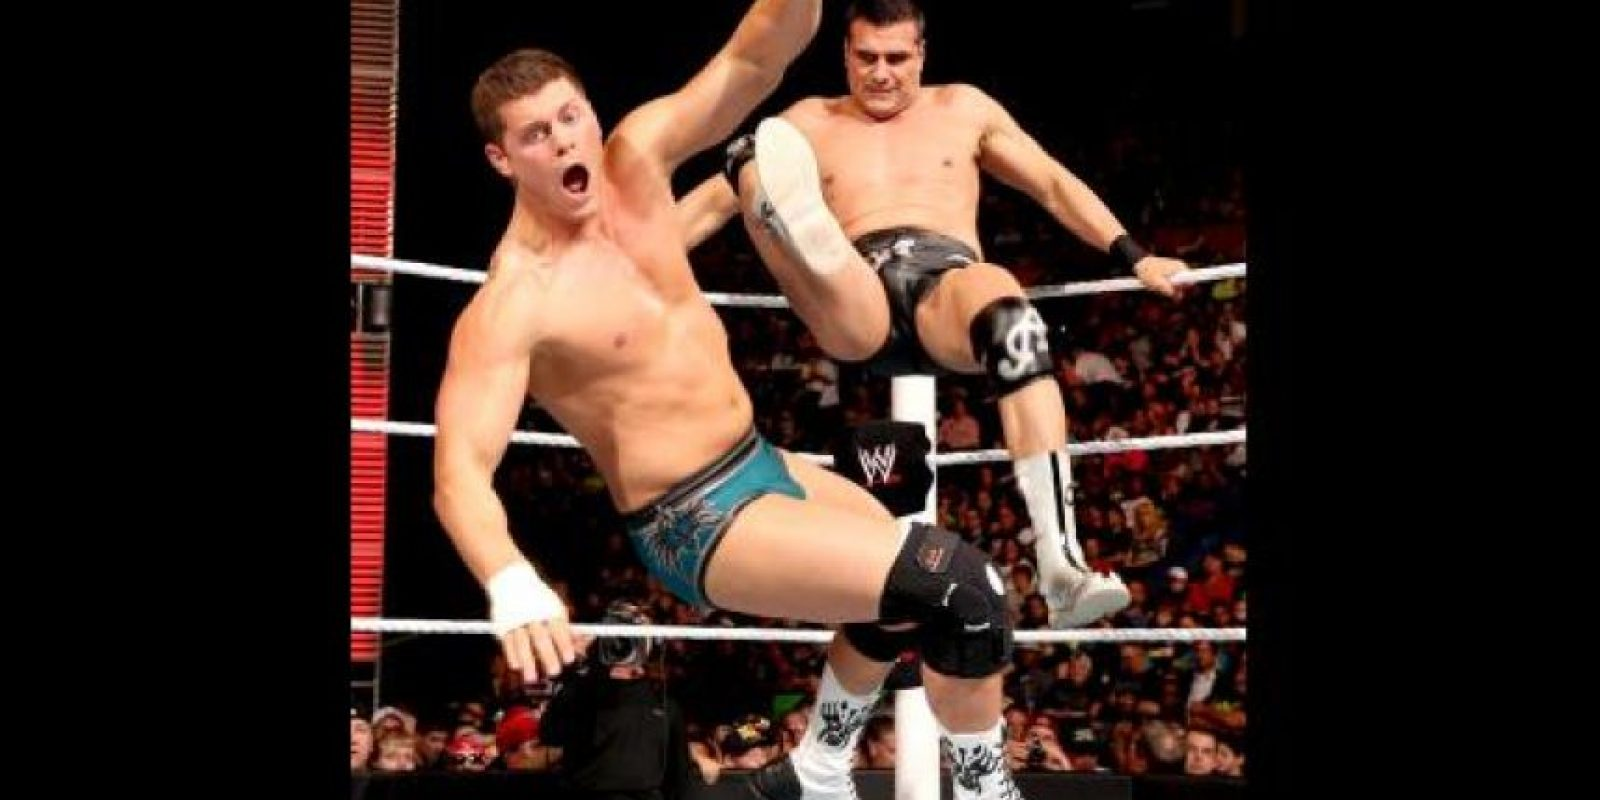 Es hijo de Dos Caras y sobrino de Mil Máscaras Foto:WWE